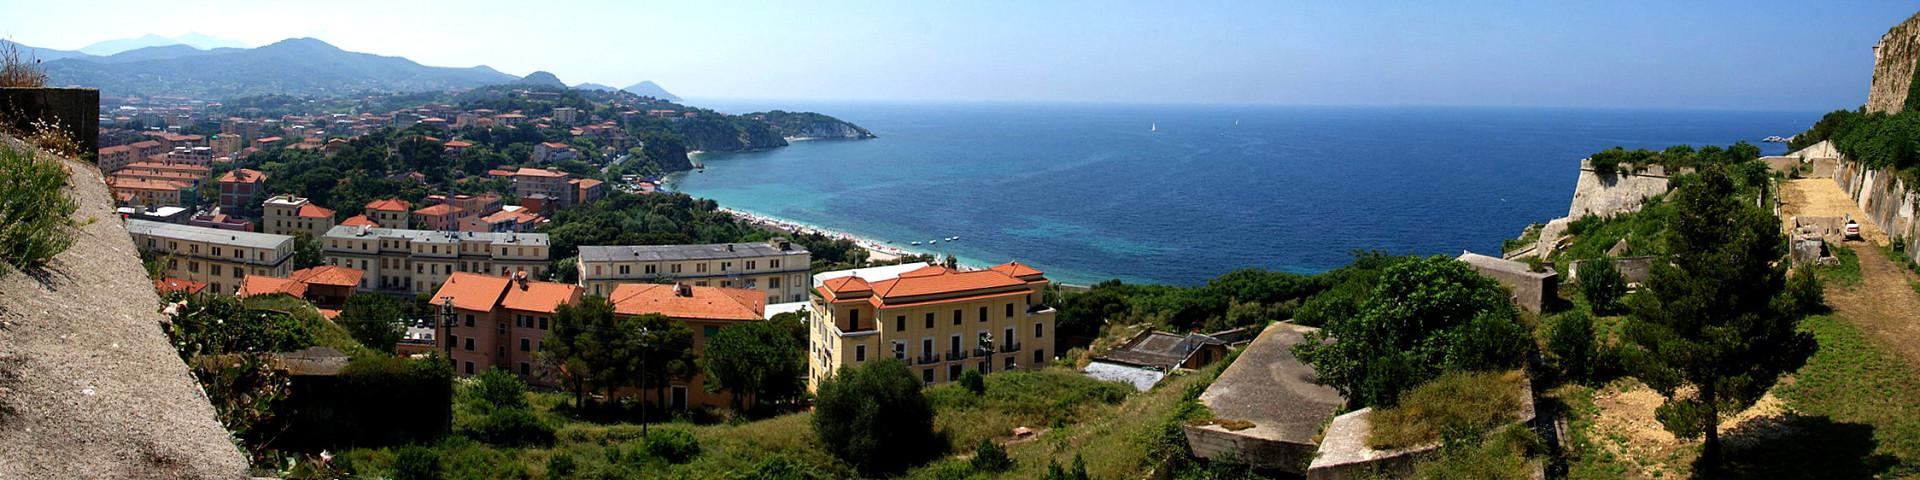 Portoferraio, pláž Cala dei Frati, vzadu pláž Padullela